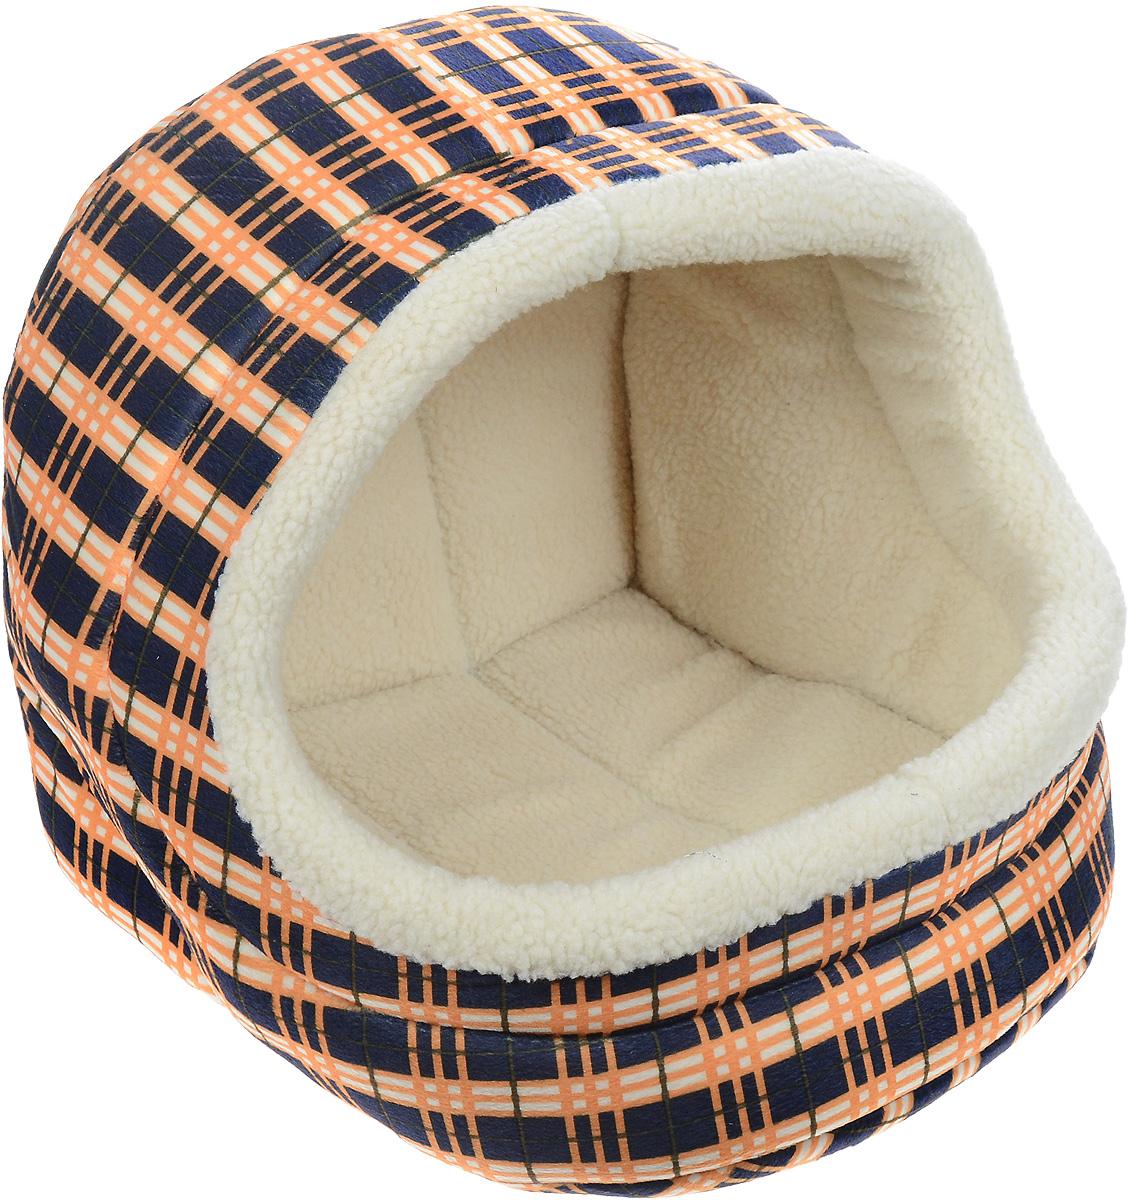 Домик для животных Каскад Клетка. №3, 45 х 40 х 40 см91002864Домик для животных Каскад Клетка. №3, выполненный из высококачественного текстиля, обязательно понравится вашему питомцу. Домик предназначен для собак и кошек. Он очень удобный и уютный. Ваш любимец обязательно захочет забраться в этот домик, как только его увидит. Компактные размеры позволят поместить домик где угодно, а приятная цветовая гамма сделает его оригинальным дополнением любого интерьера.